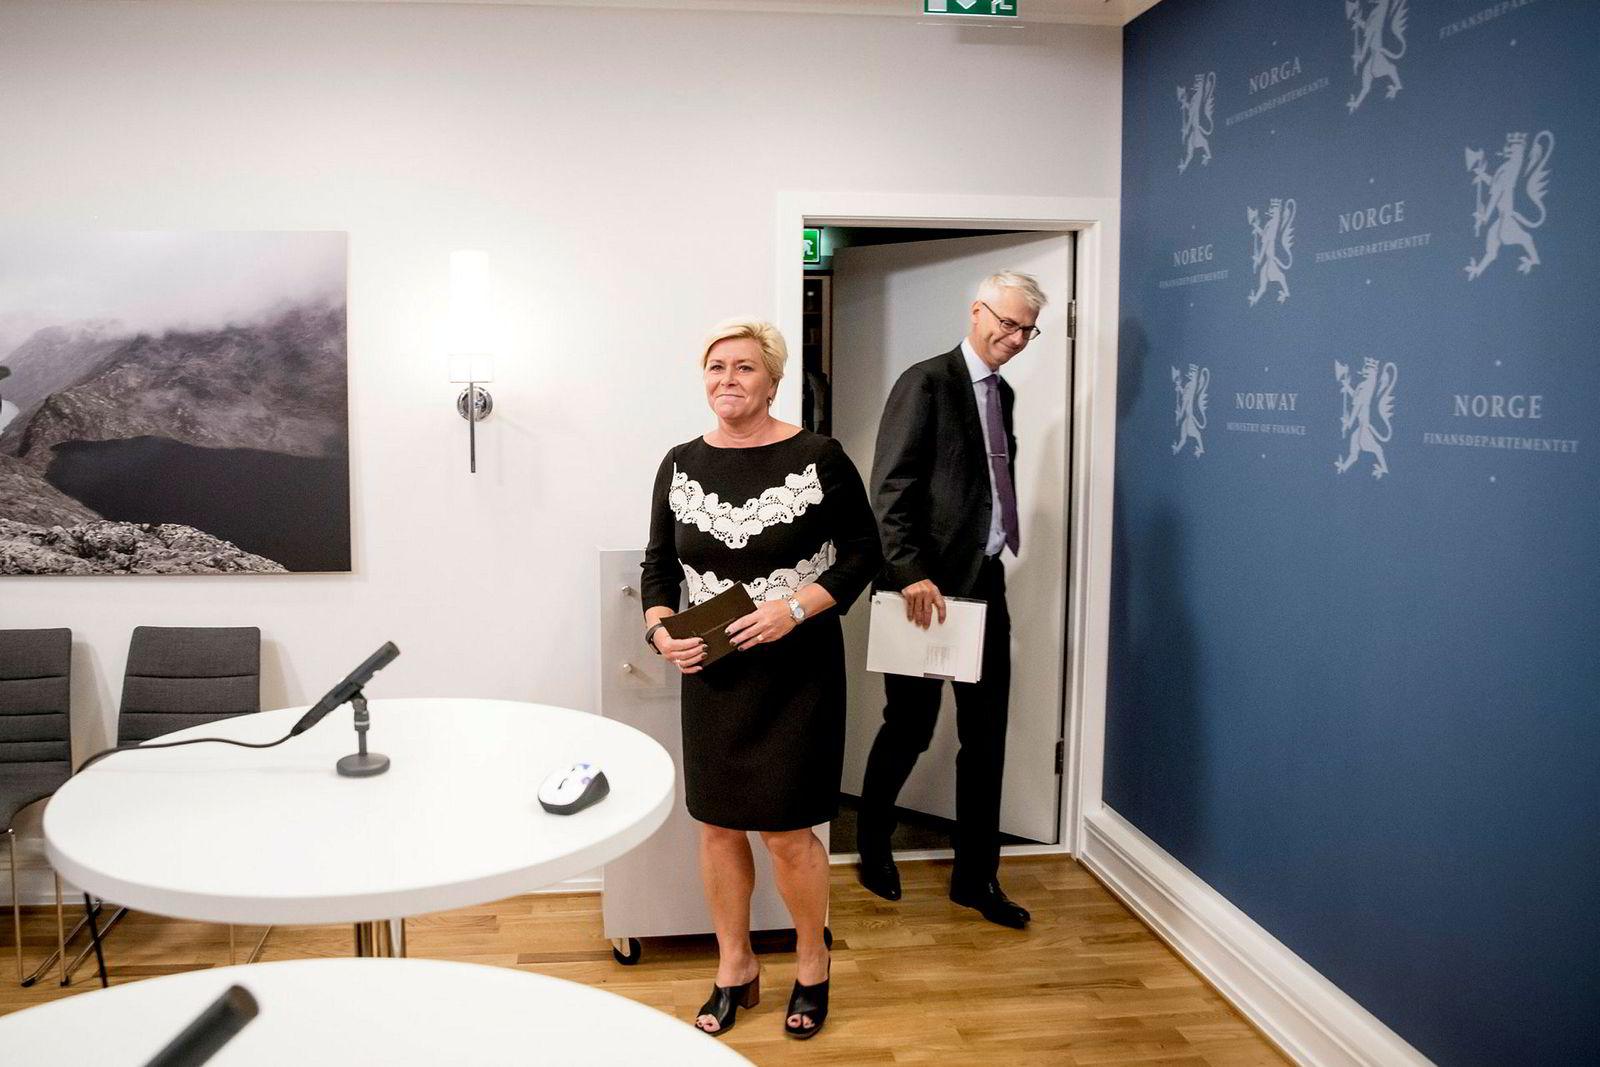 Siv Jensen fikk fredag morgen overlevert rapporten fra utvalgets leder Øystein Thøgersen som også er rektor ved NHH.